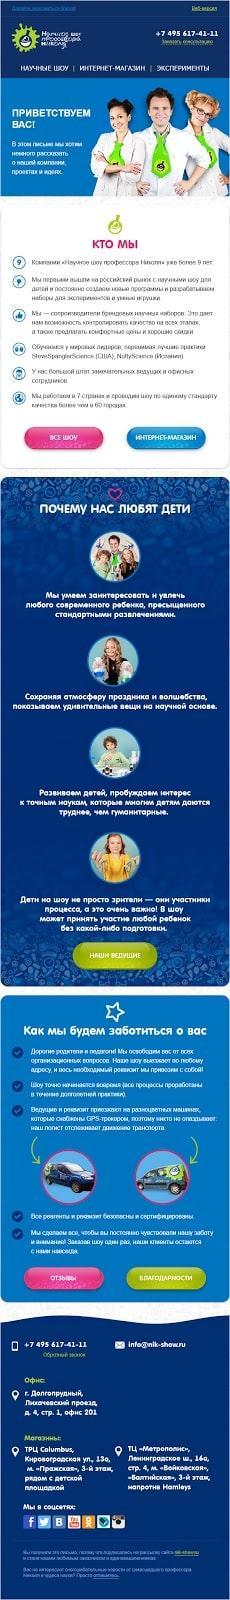 Приветственное письмо Научное шоу профессора Николая